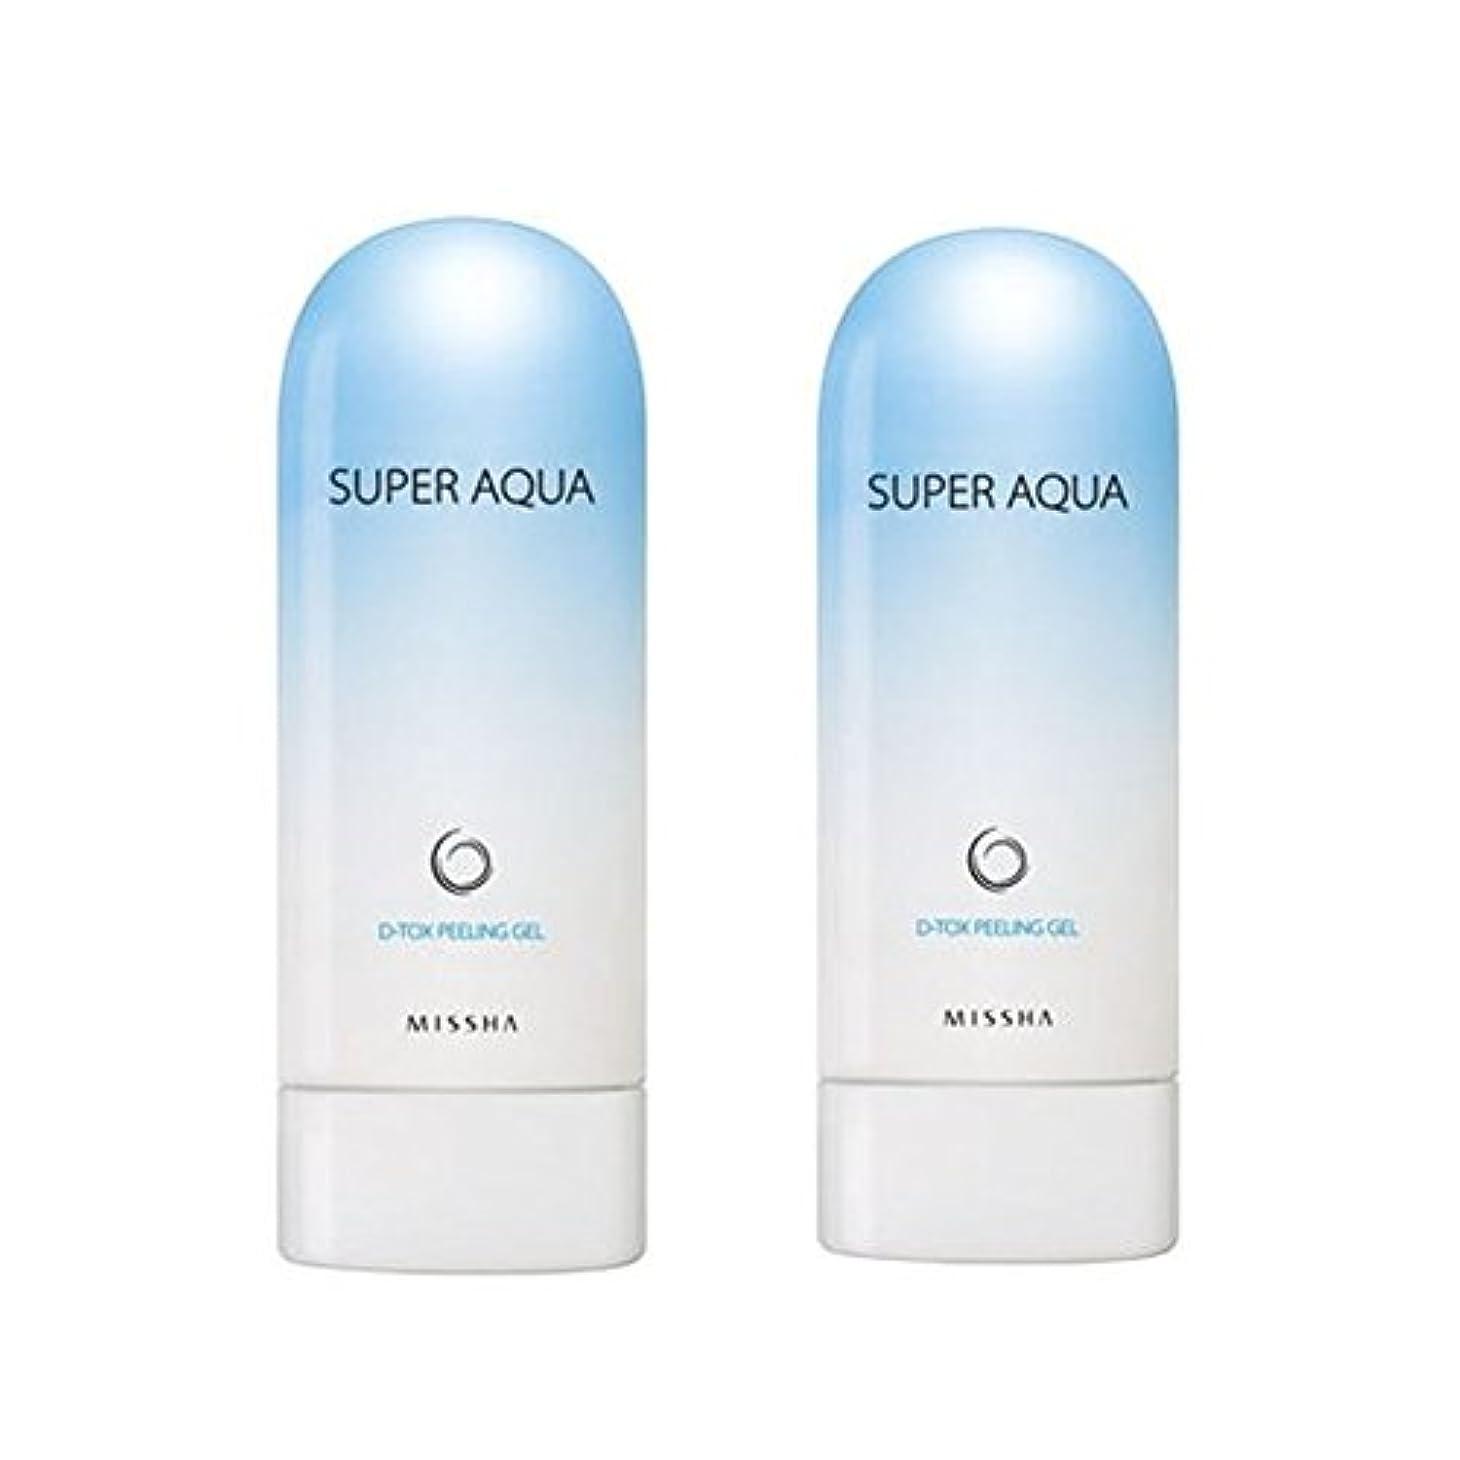 パックパックヤングミシャスーパーアクアピーリングジェル100ml x 2本セット、MISSHA Super Aqua Peeling Gel 100ml x 2ea Set [並行輸入品]